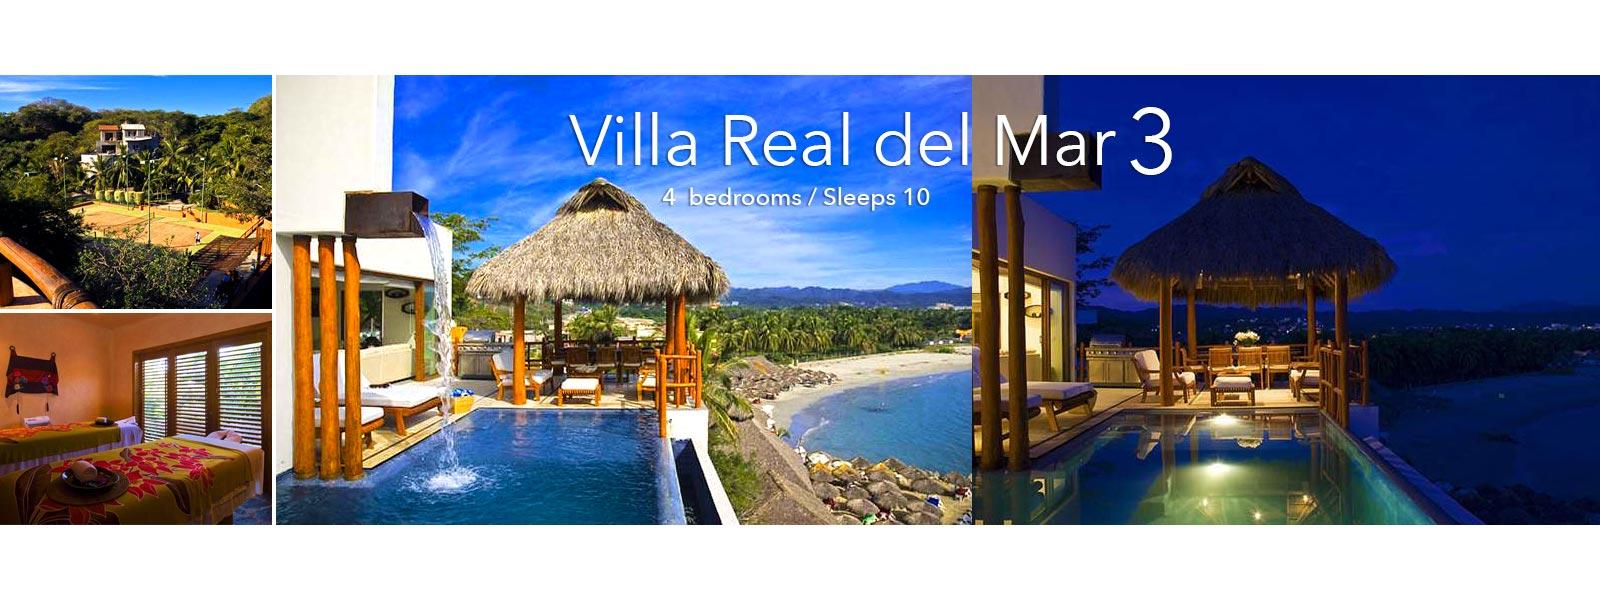 Villa Real del Mar 3 - Luxury Punta de Mita Vacation Rental Villa for Sale